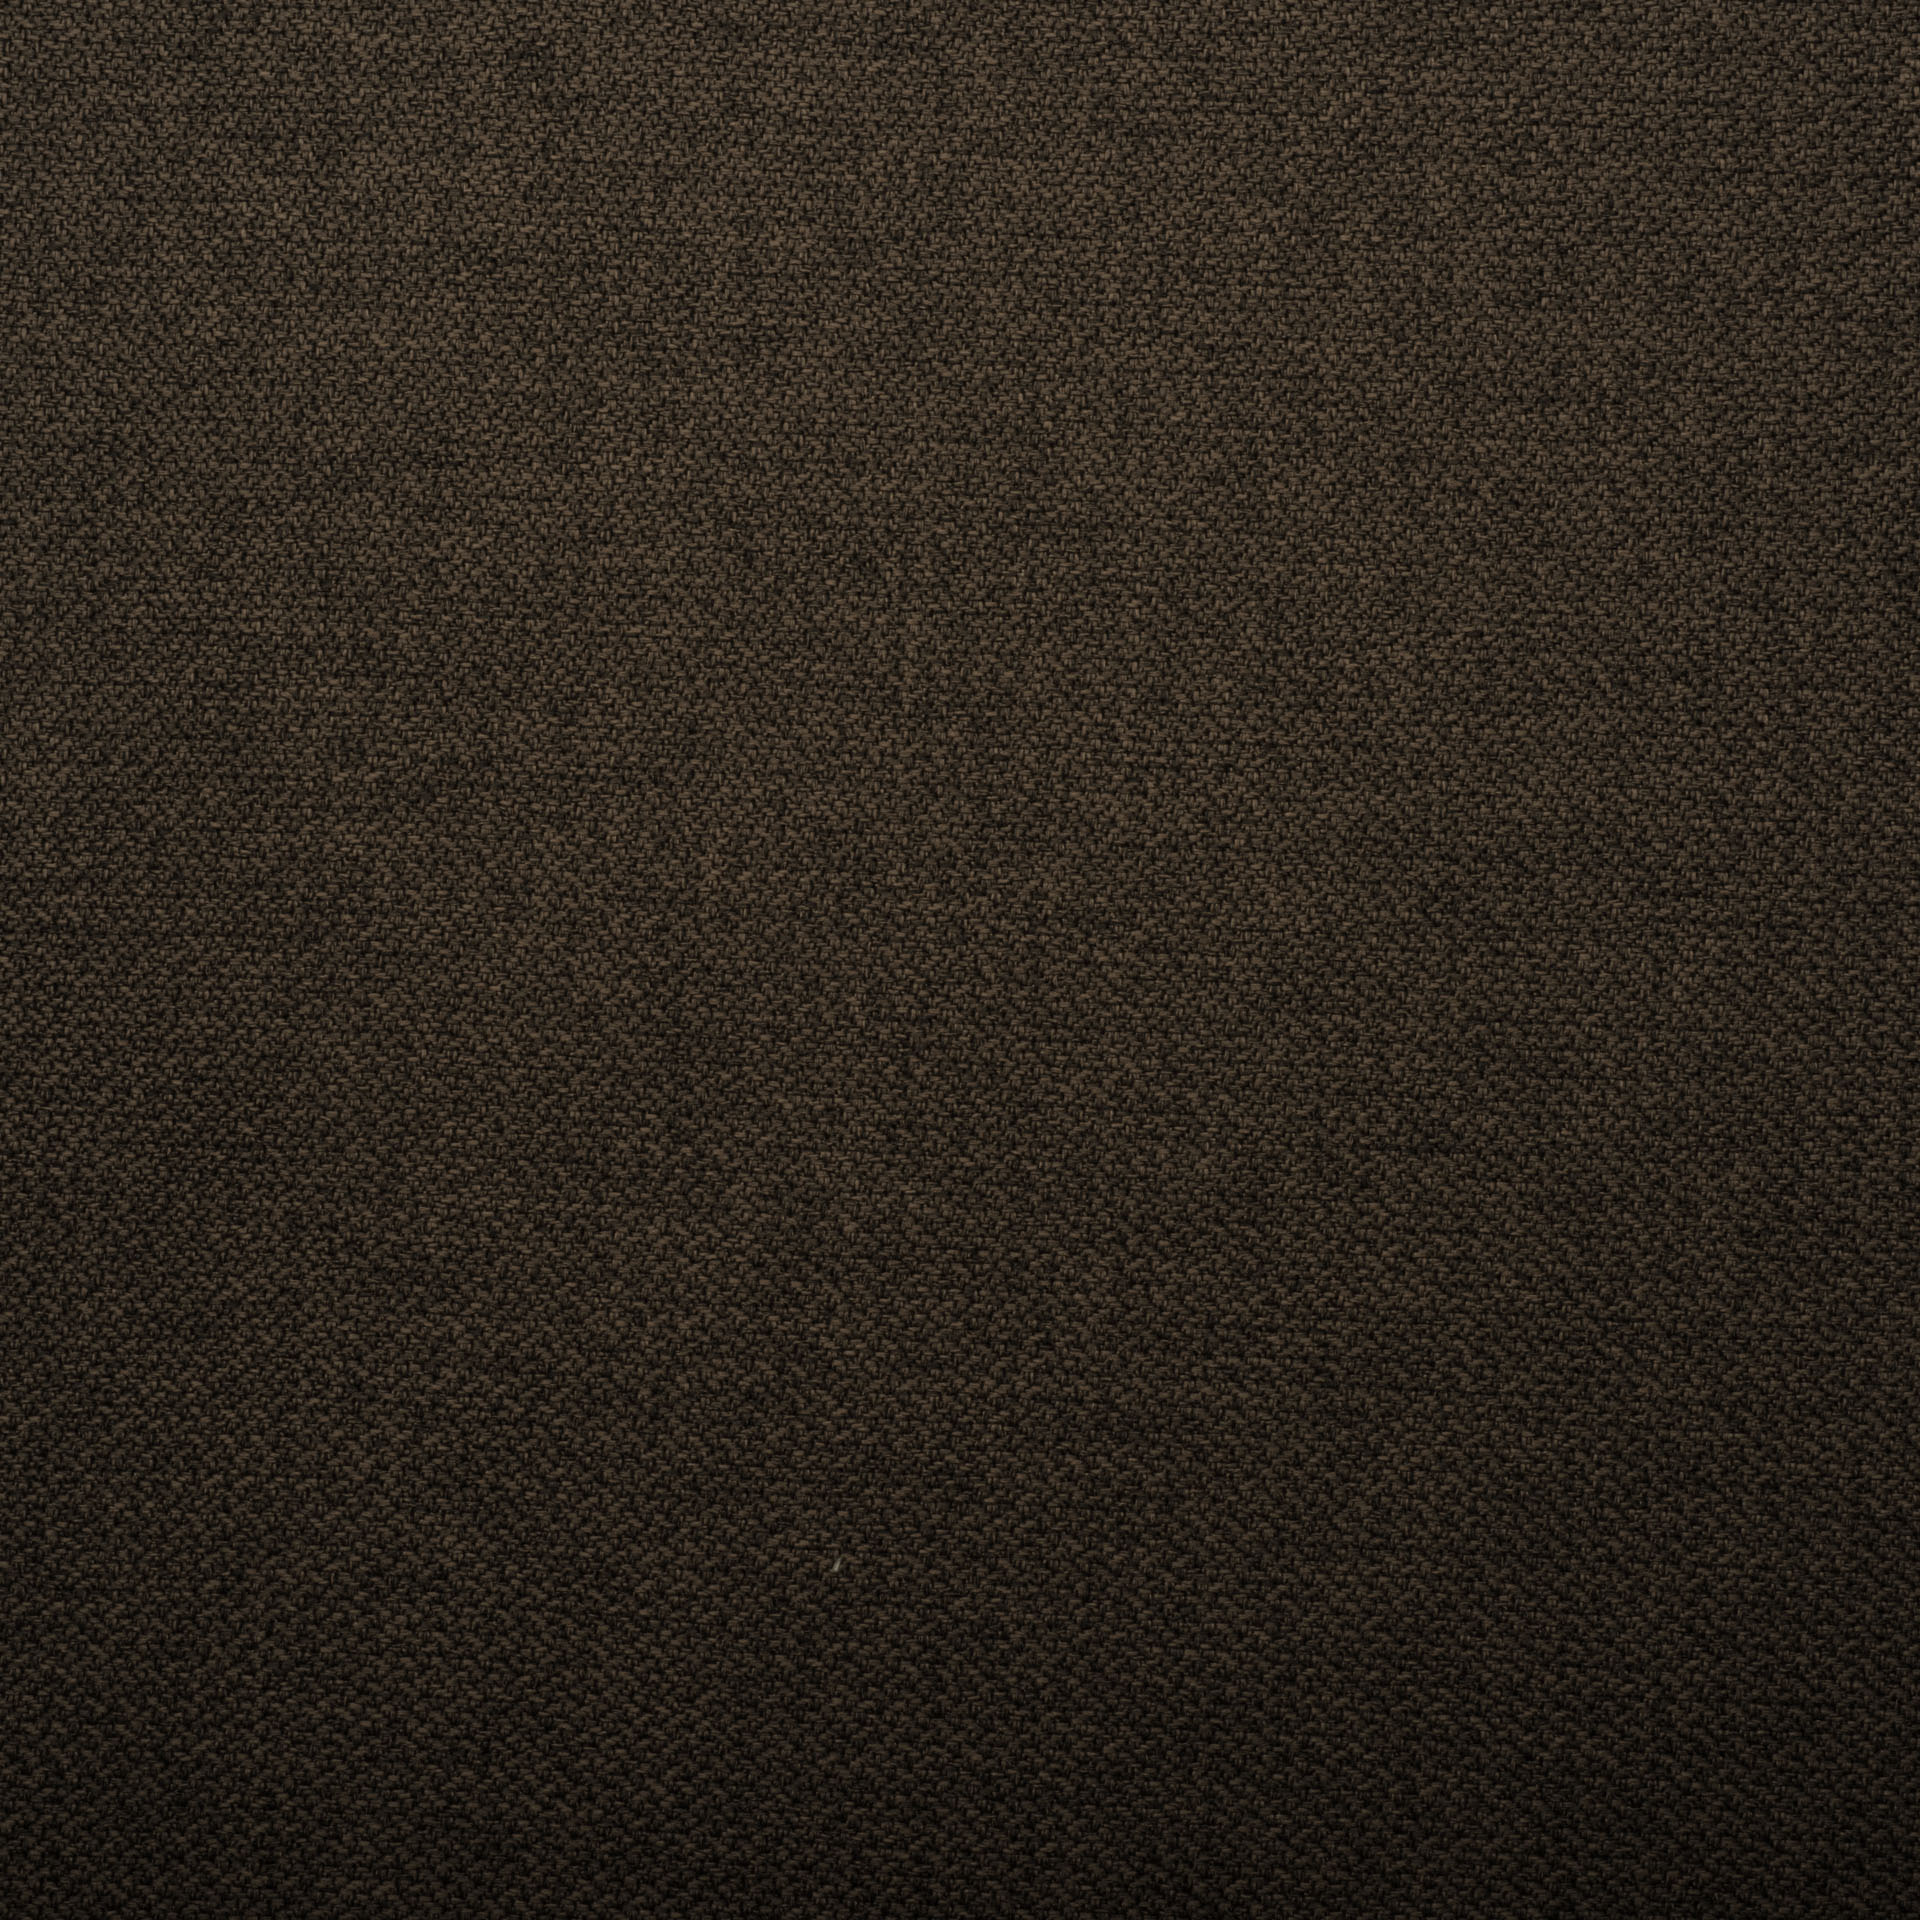 Коллекция ткани Мальмо ANTHRACITE 94,  купить ткань Жаккард для мебели Украина